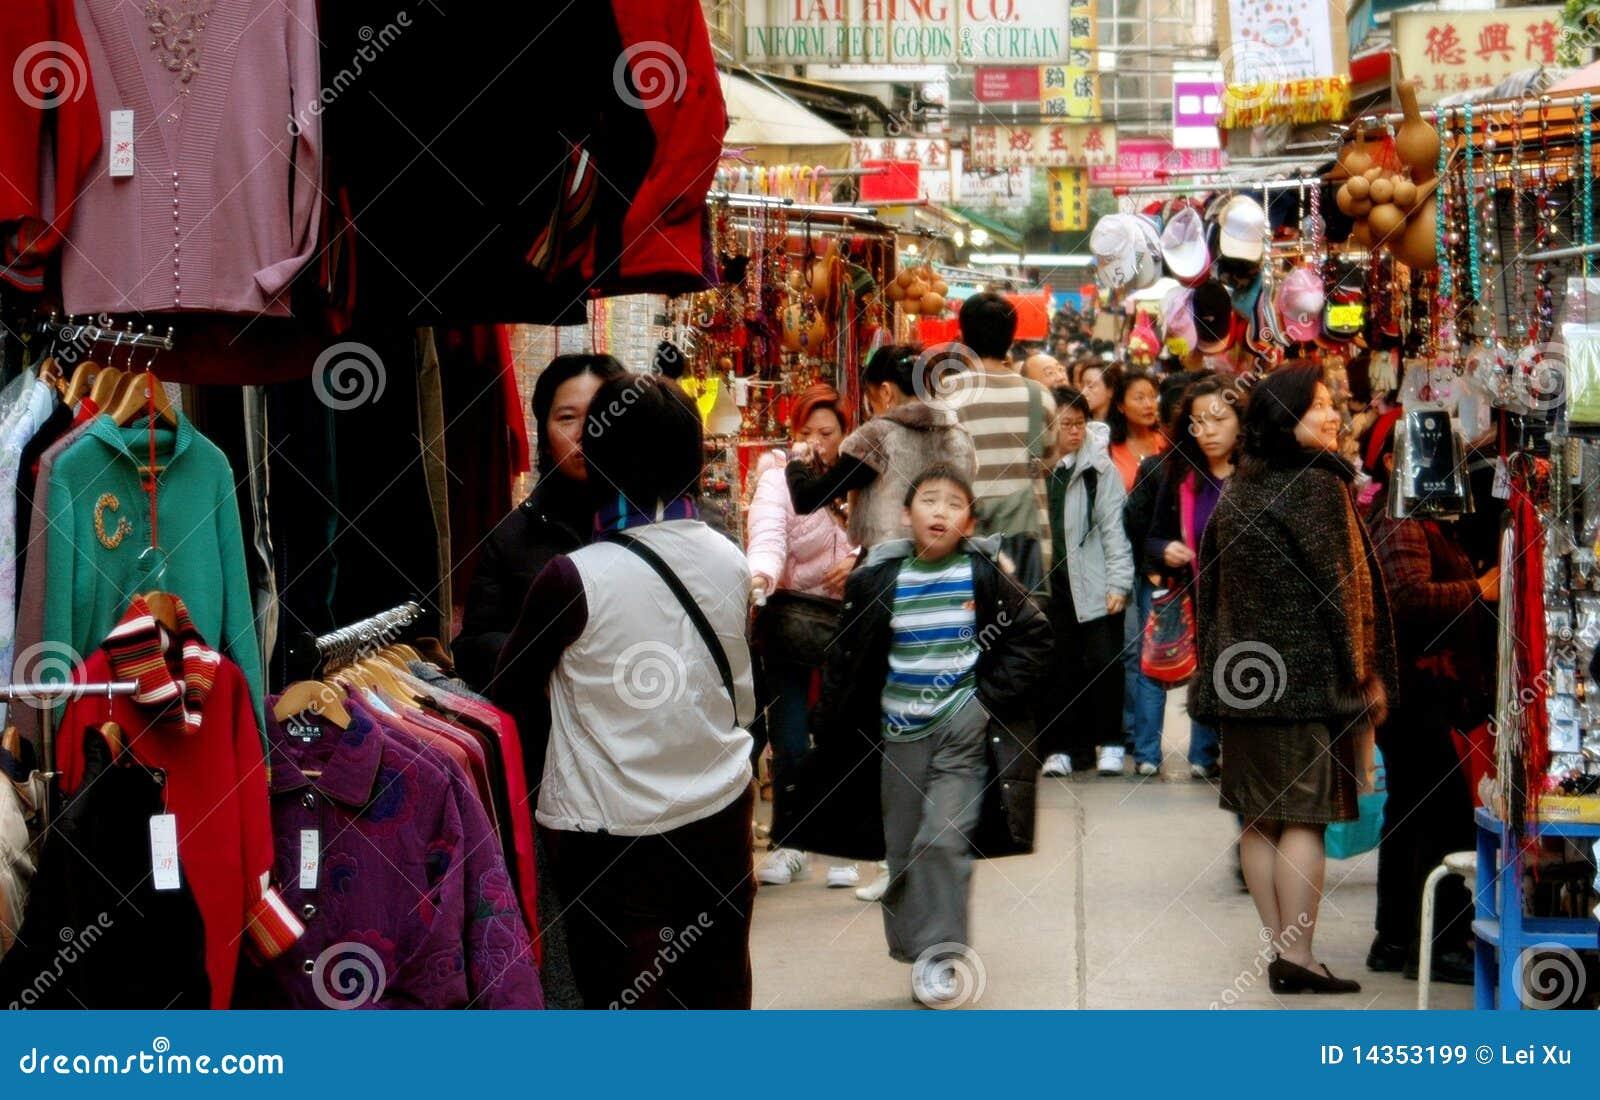 Hong-Kong: Mercado de las señoras apretadas en Kowloon